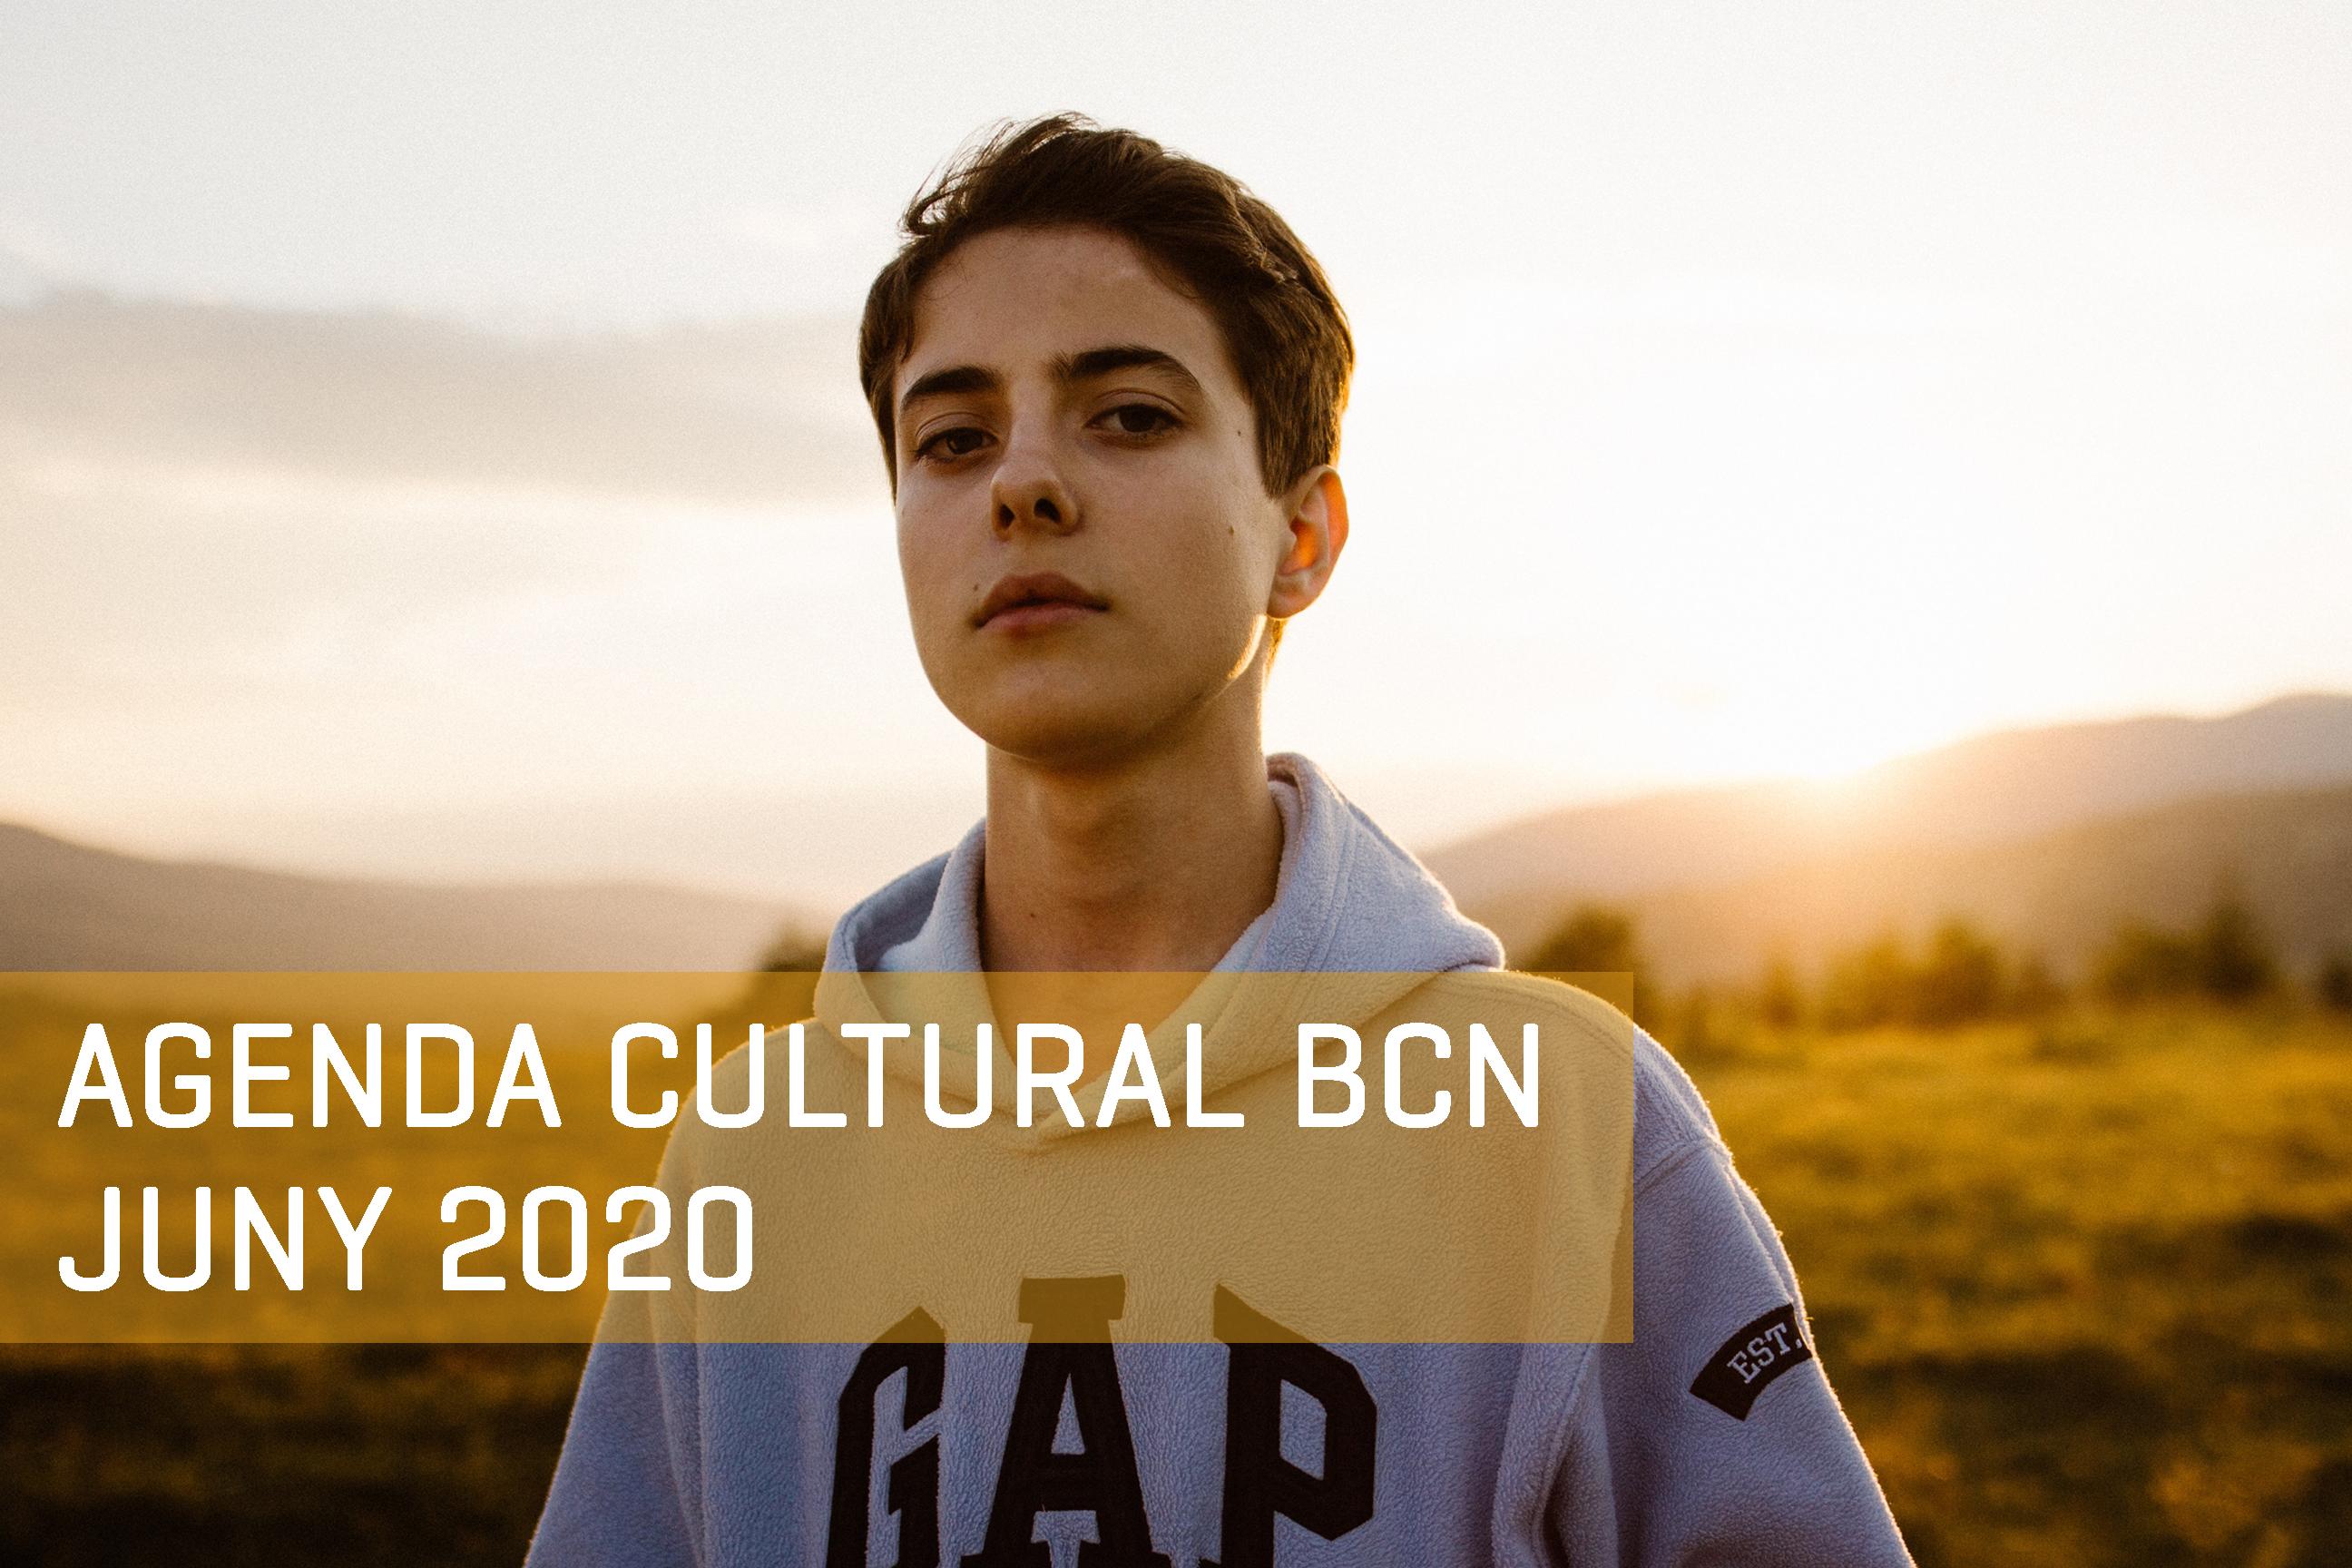 Agenda Cultural Juny 2020